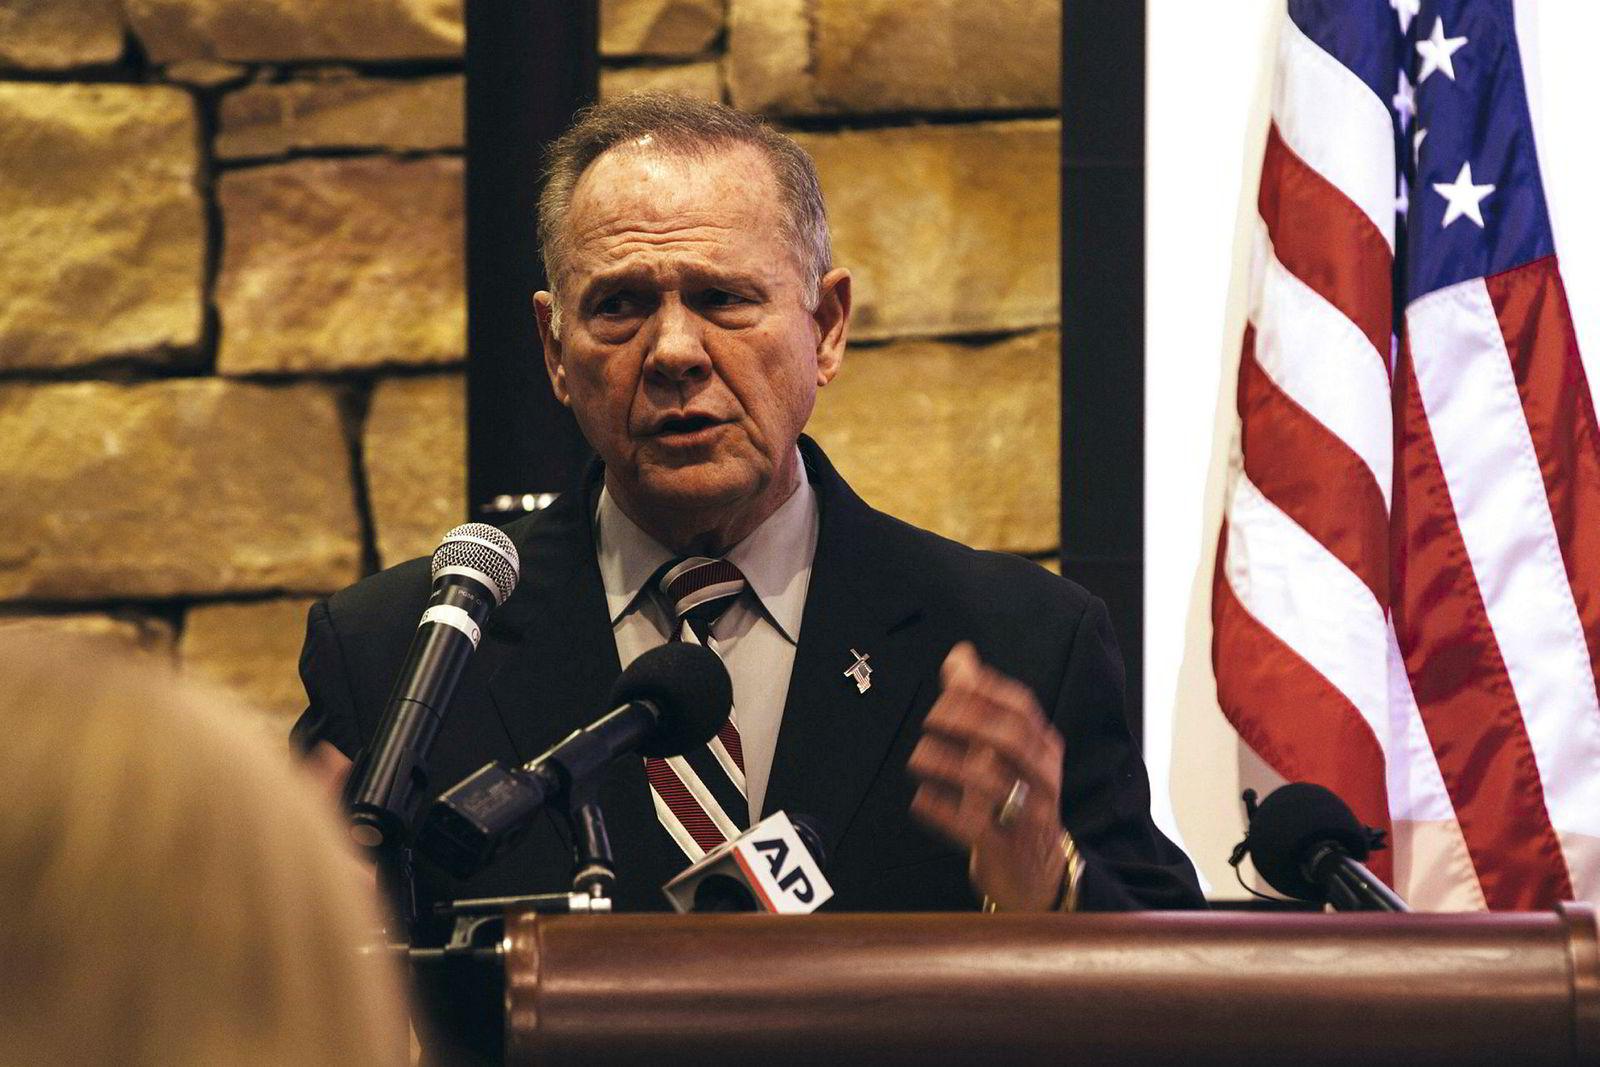 Kandidat for en plass i Senatet, Roy Moore, er i hardt vær etter stadig flere beskyldninger om overgrep mot unge kvinner.